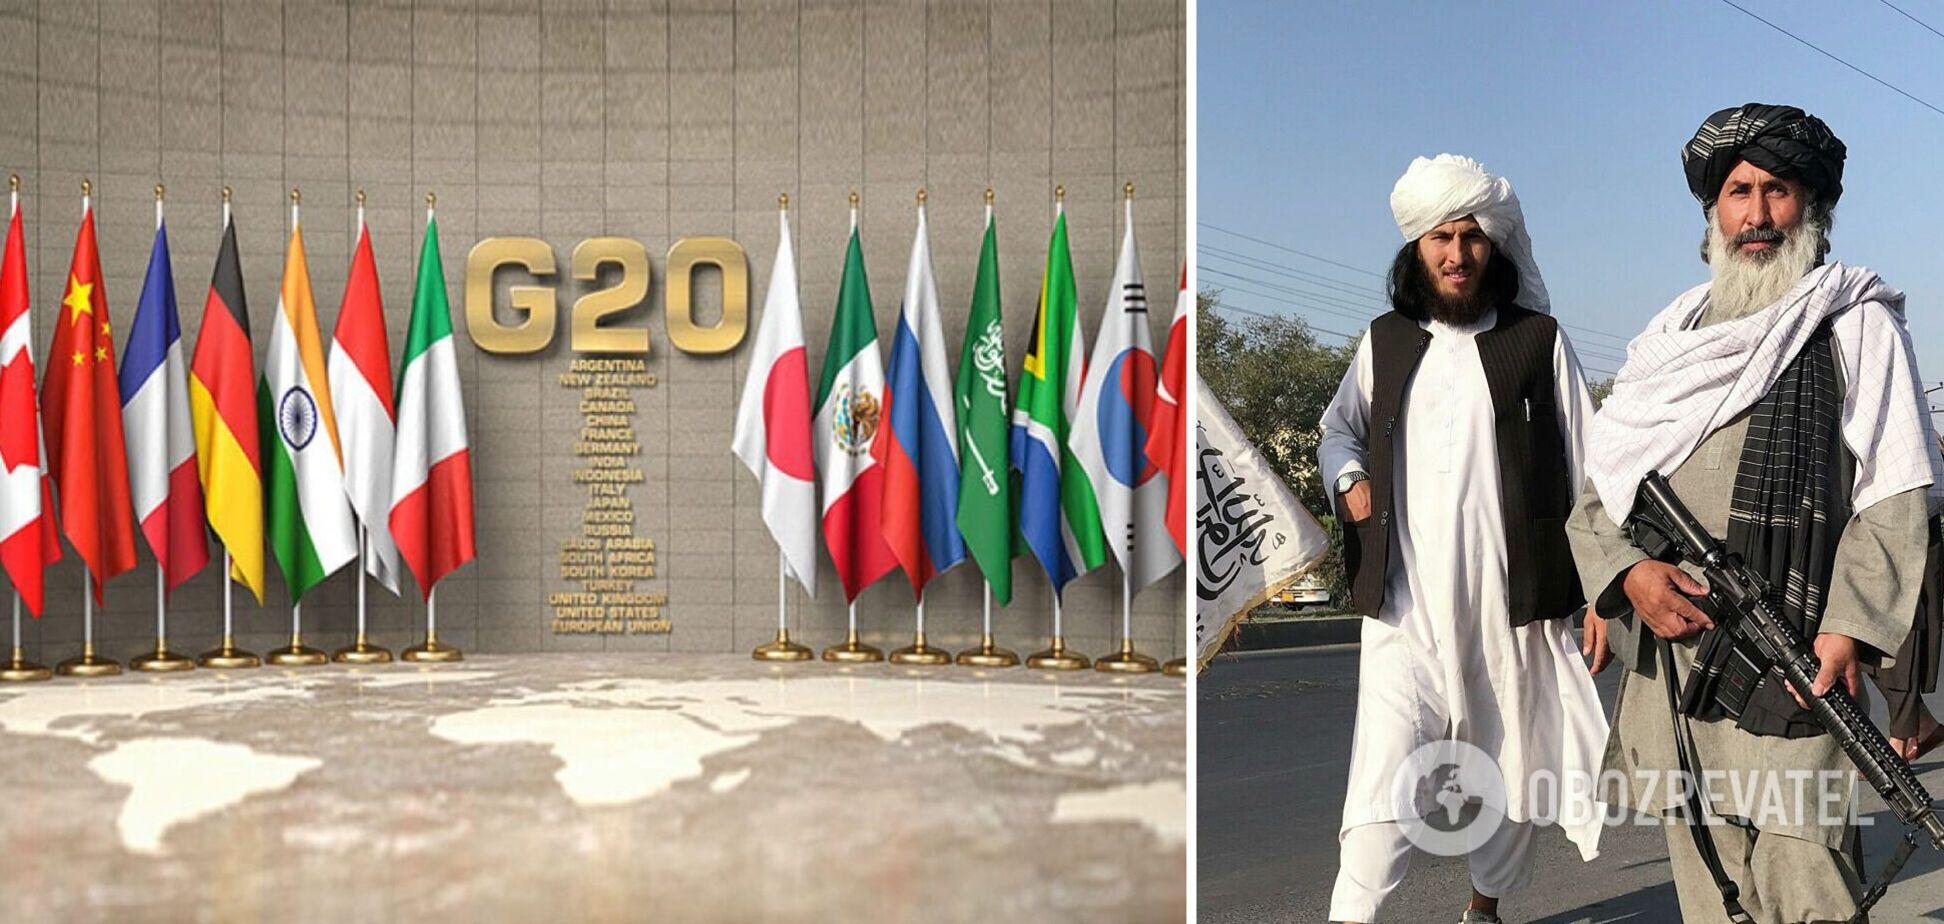 Лідери G20 погодилися на співпрацю з талібами для гуманітарної допомоги Афганістану